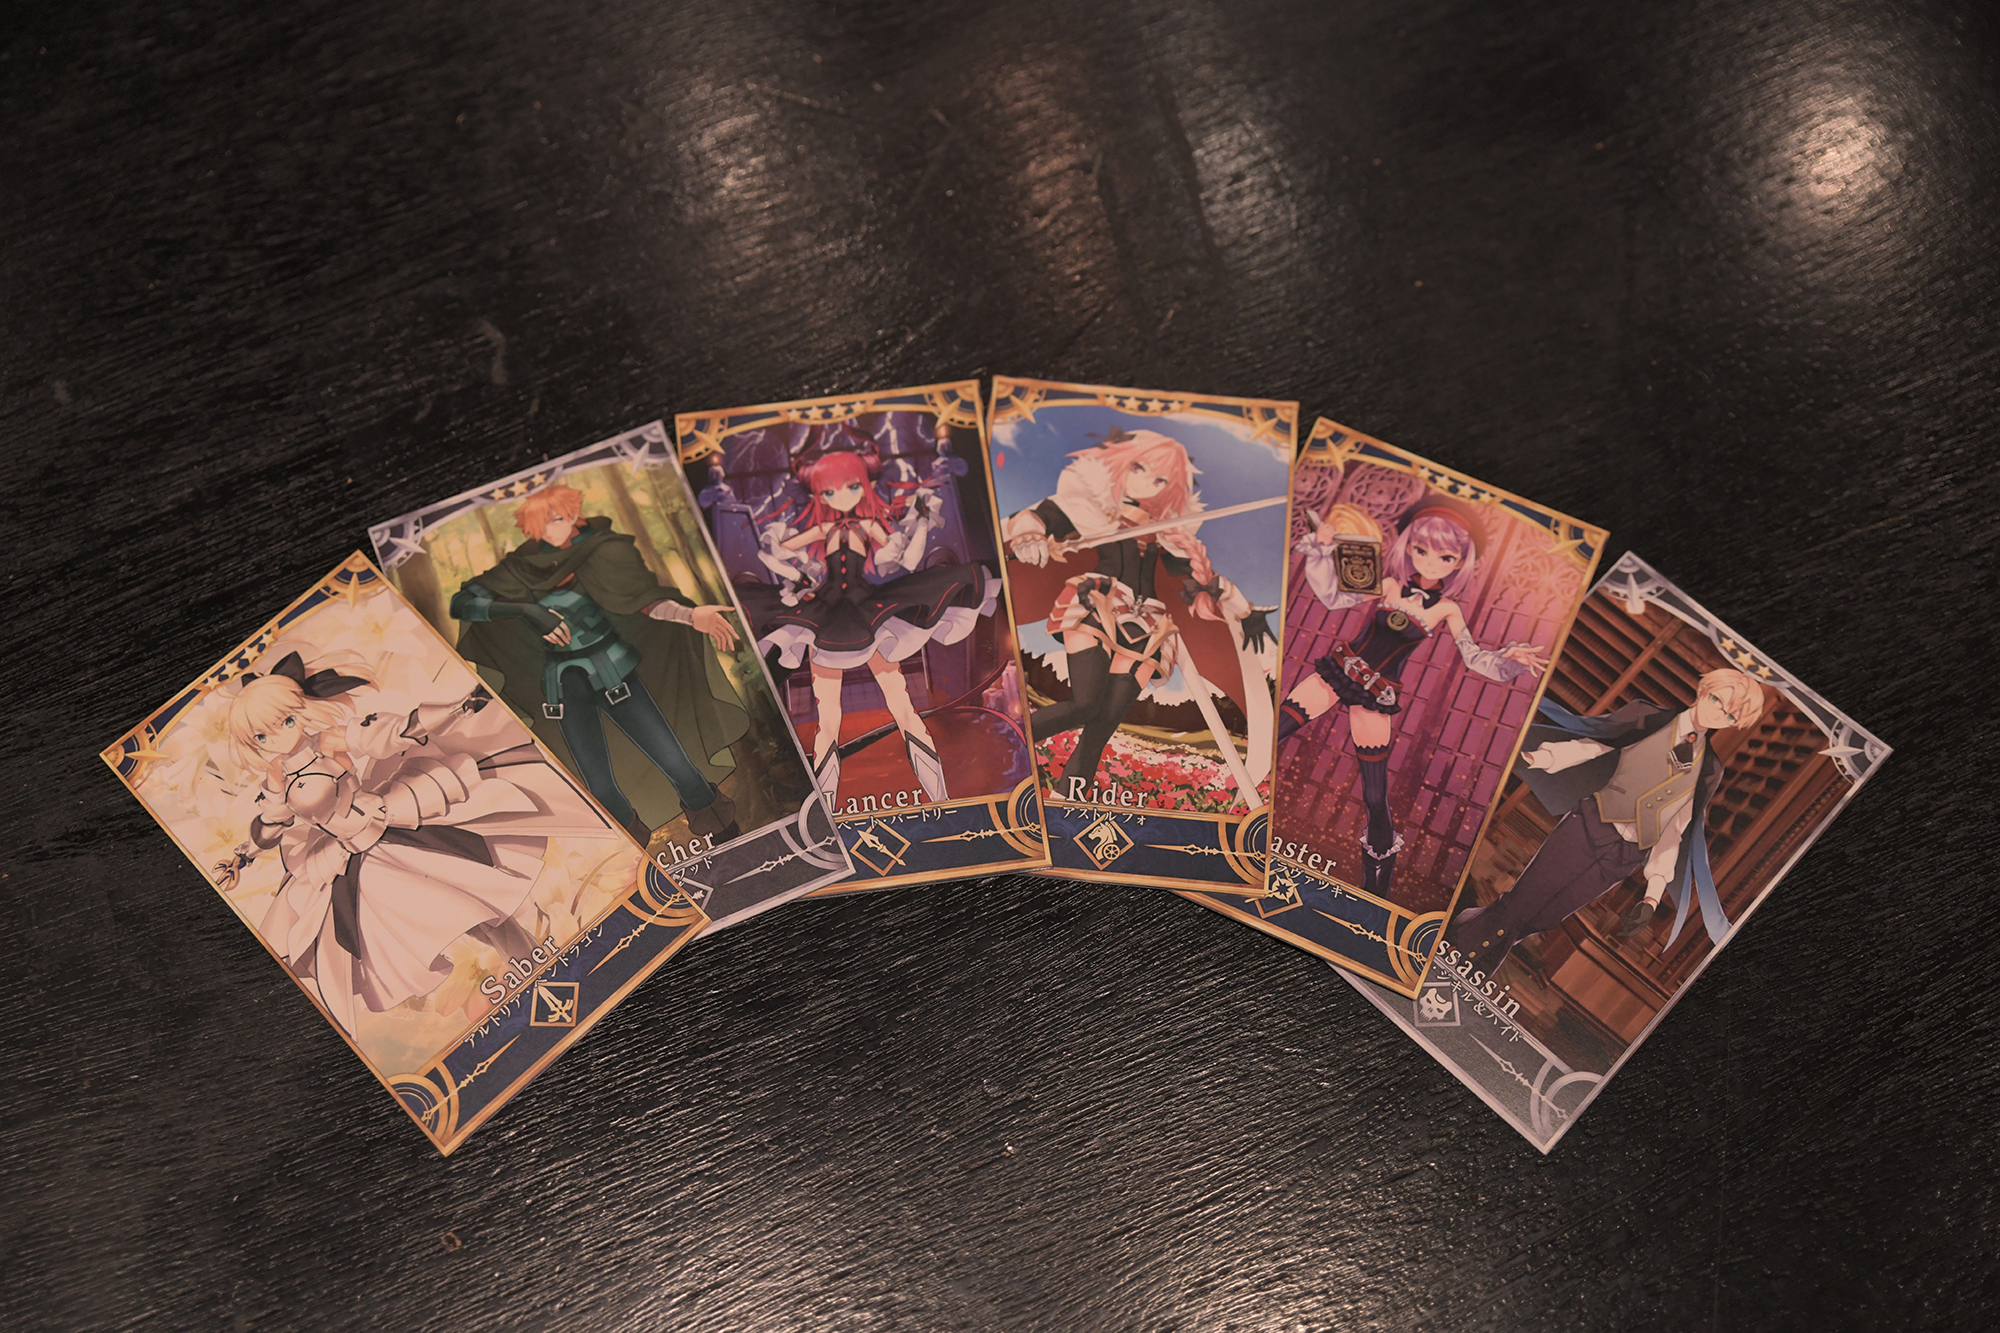 思わず欲しくなるサーヴァント召喚カード